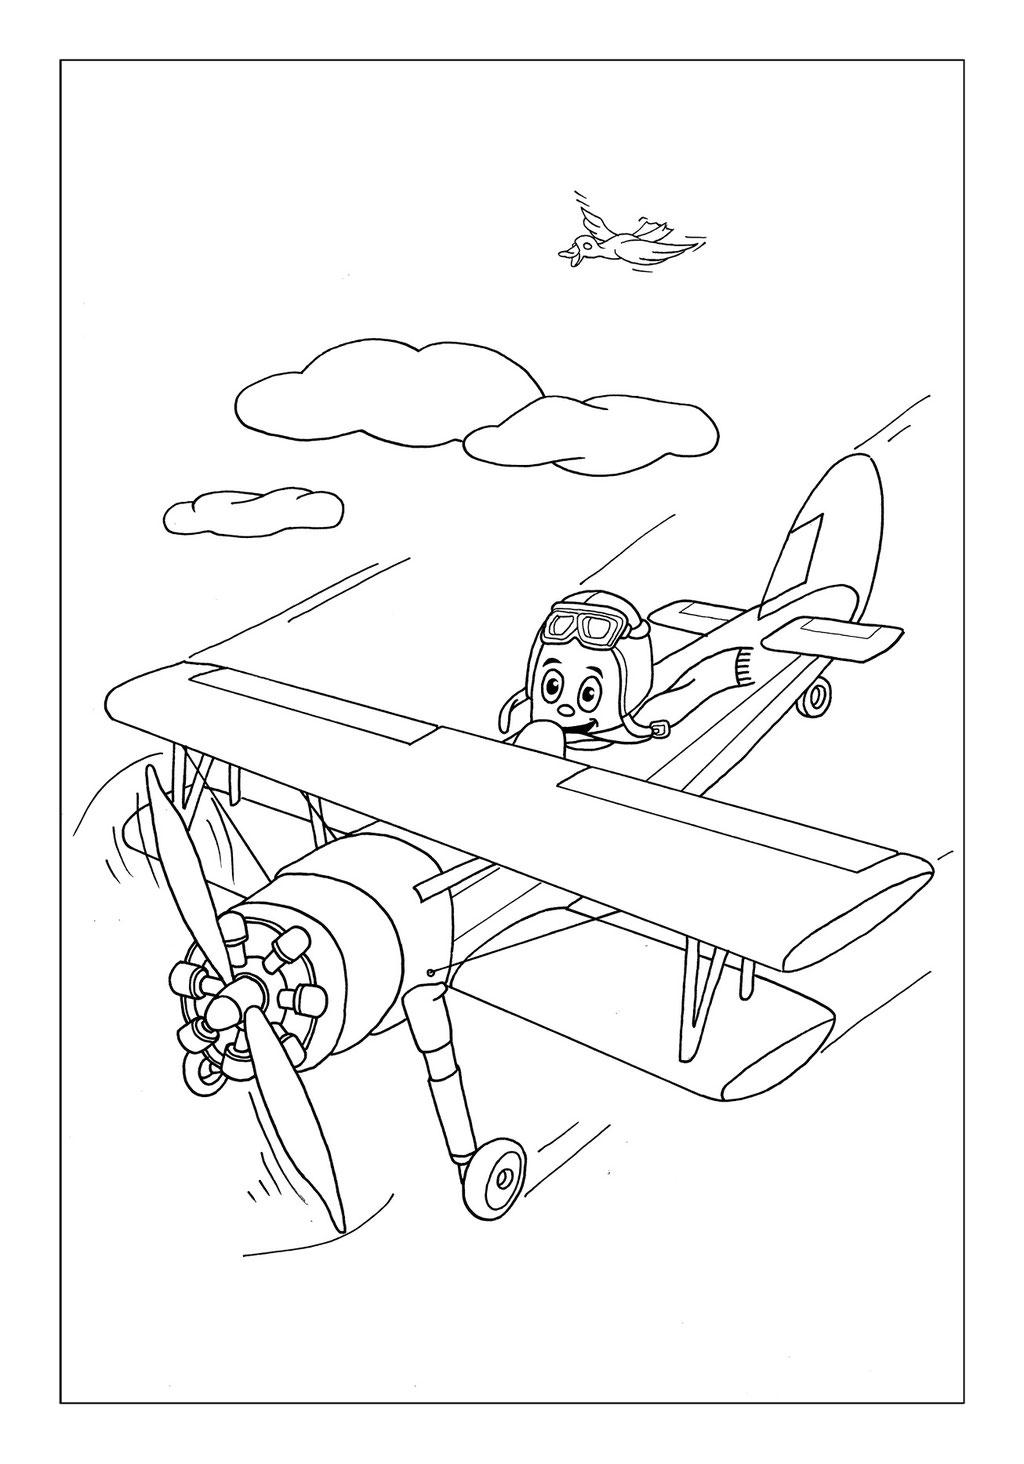 Vitogaz Kinder-Malbuch: Idee Zeichnung und Illustration: im Doppeldecker Flugzeug